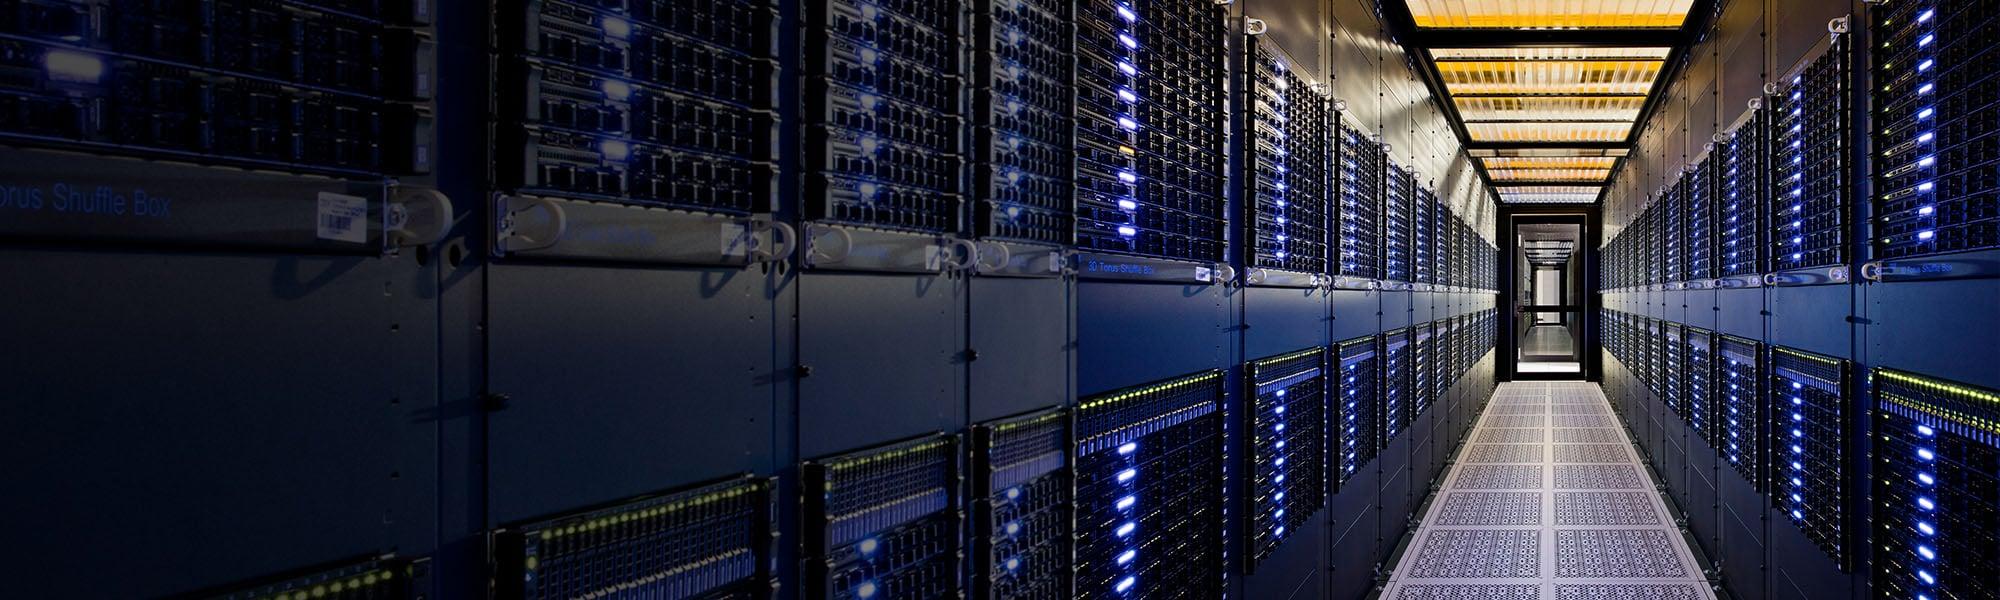 IBM Cloud Virtual Servers - Overview - United Kingdom | IBM